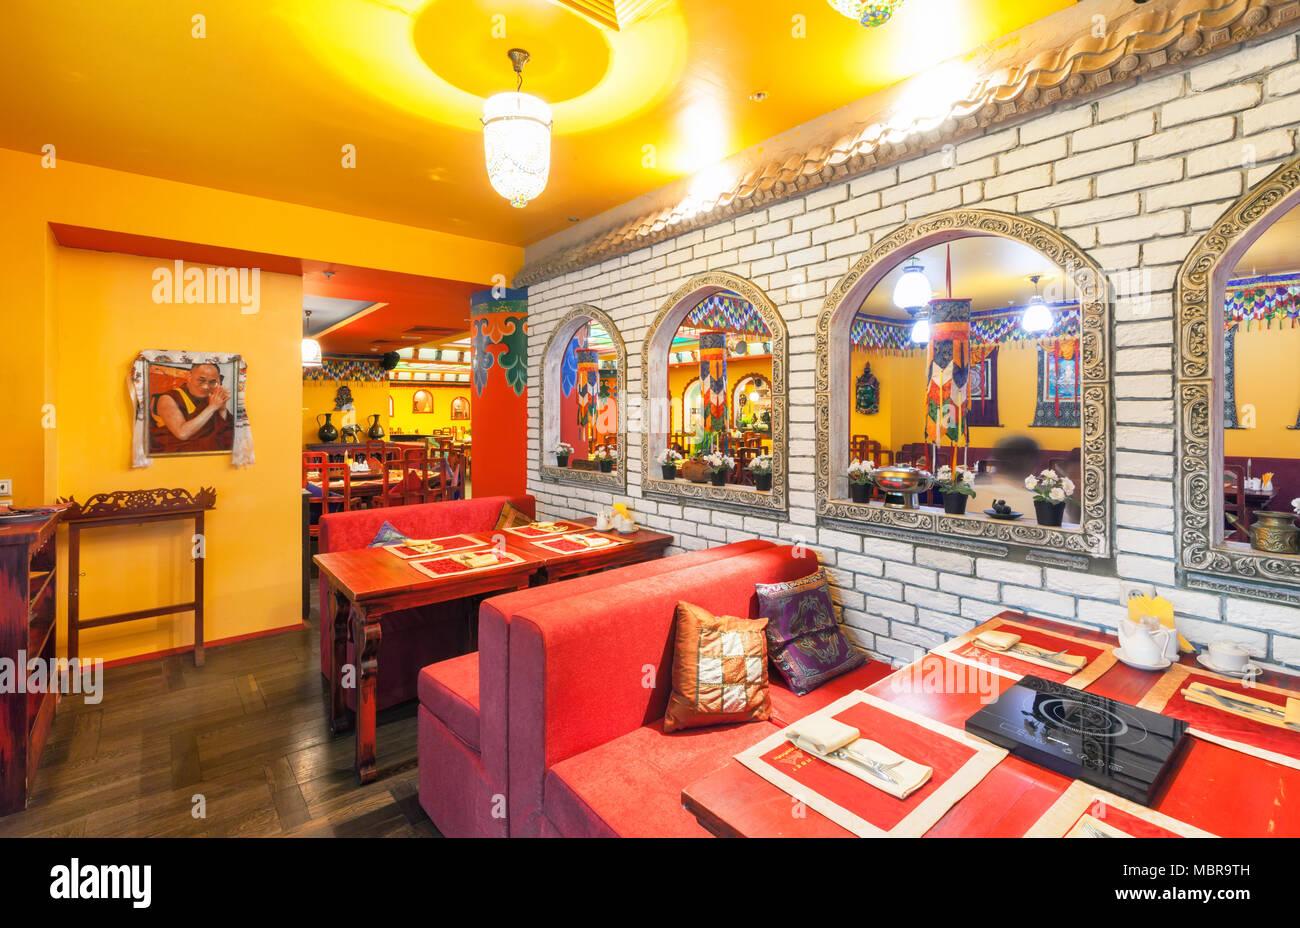 Mosca - Agosto 2014: l\'interno del ristorante Indiano e ...